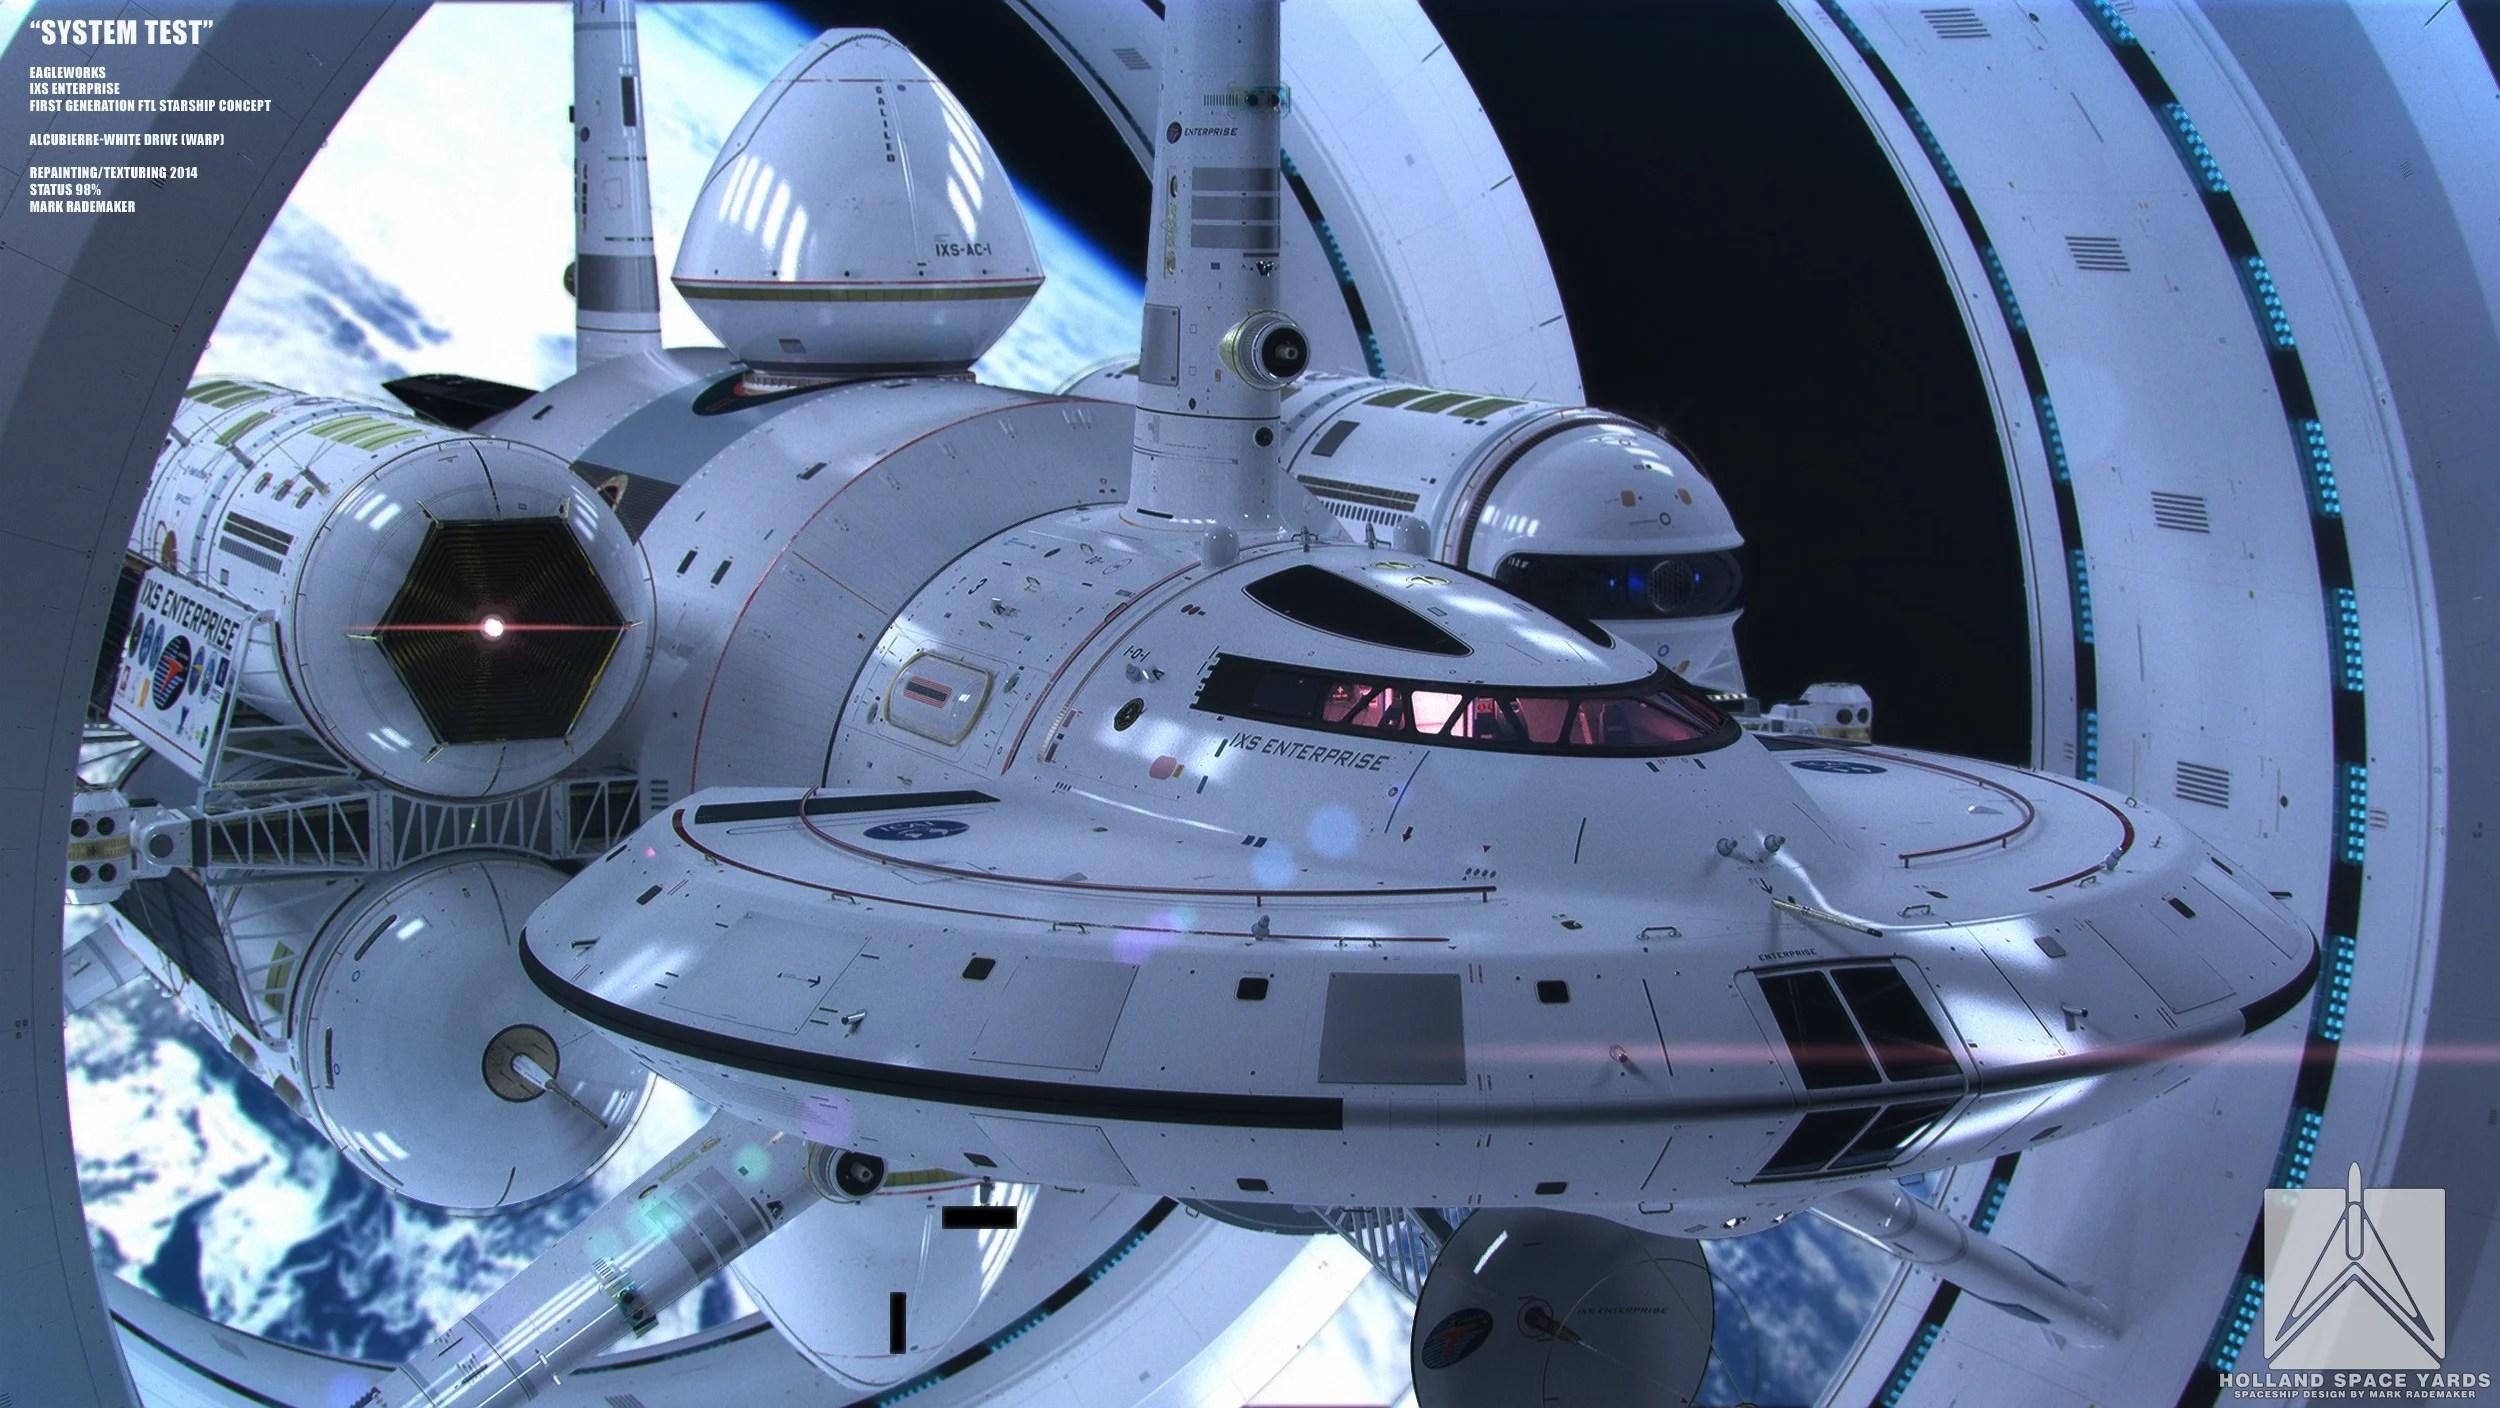 future nasa ships - photo #39